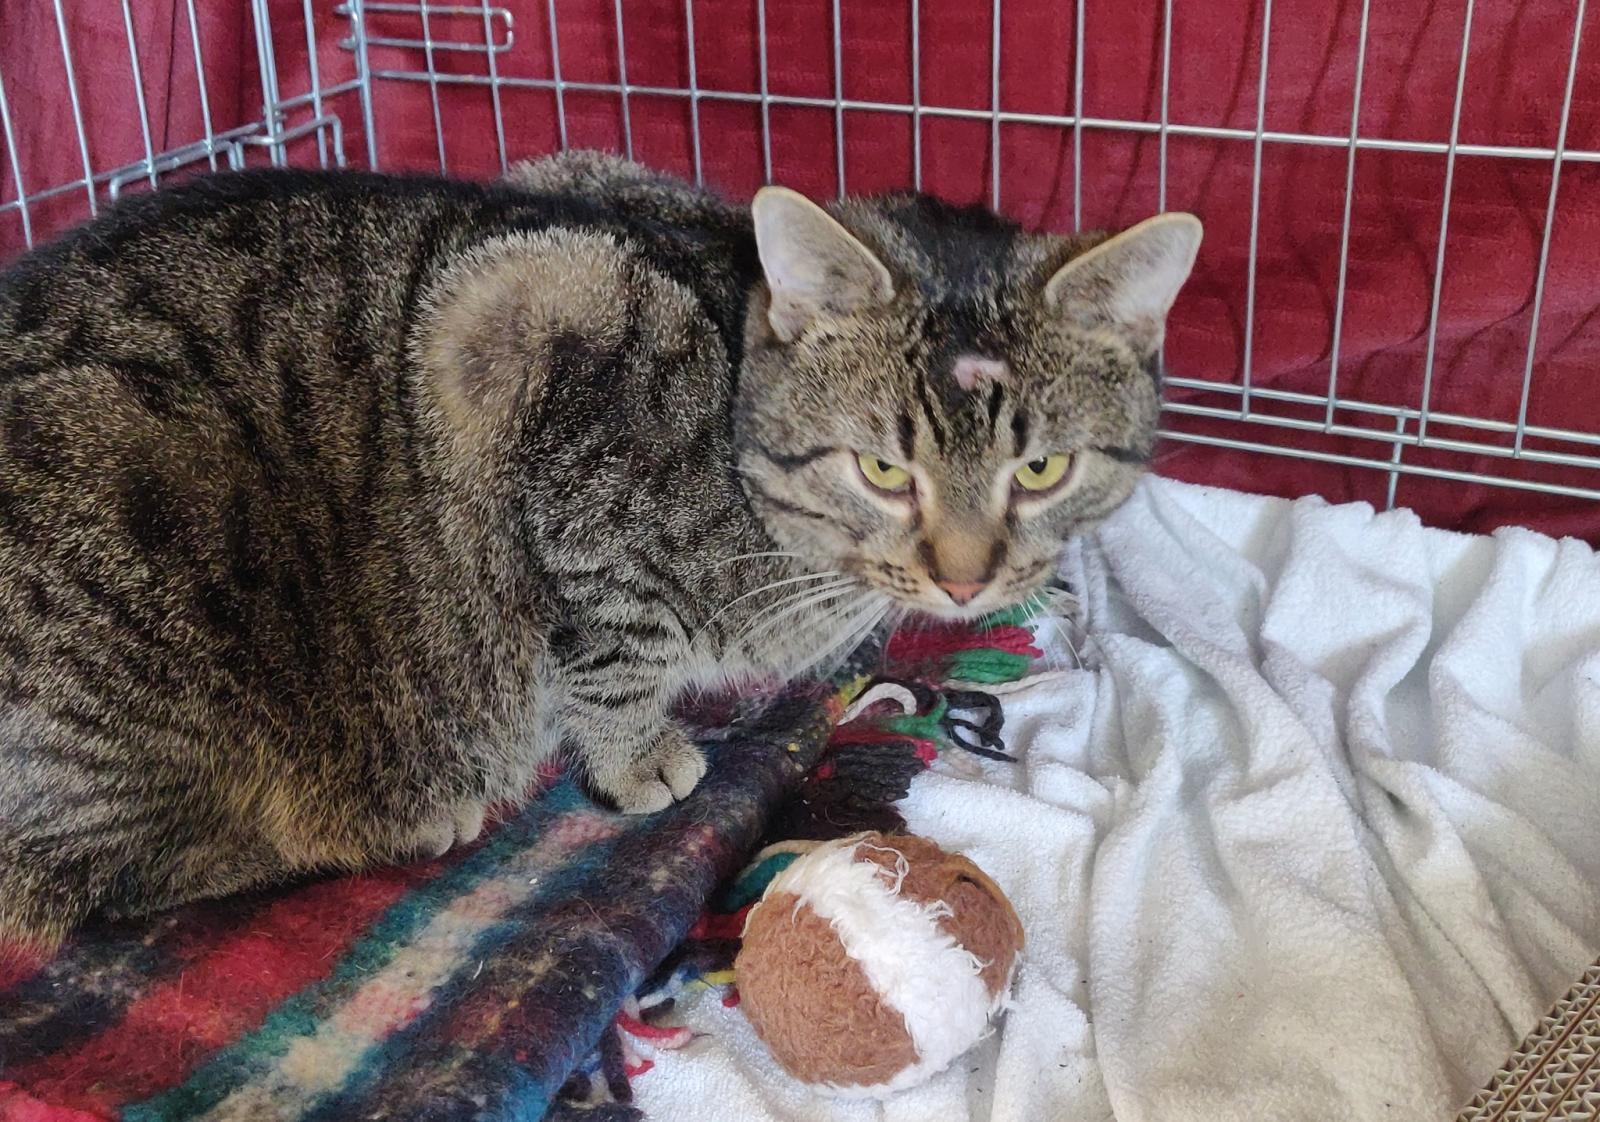 Ktoś w Suwałkach strzela do kotów z wiatrówki - uważajcie na siebie i na swoje zwierzęta!!!